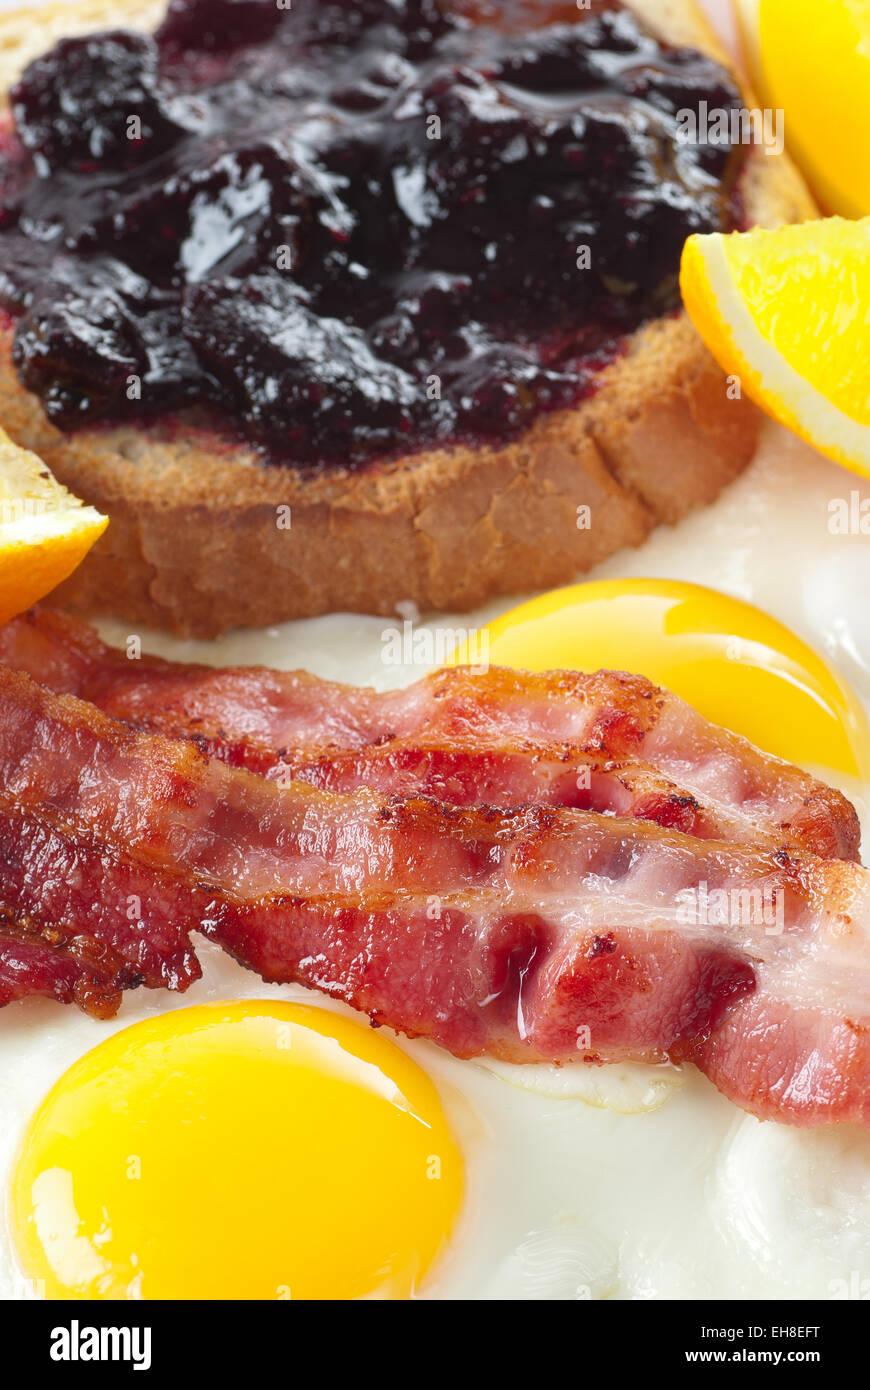 Bacon, œufs frits, d'orange et de pain grillé avec de la confiture. Photo Stock